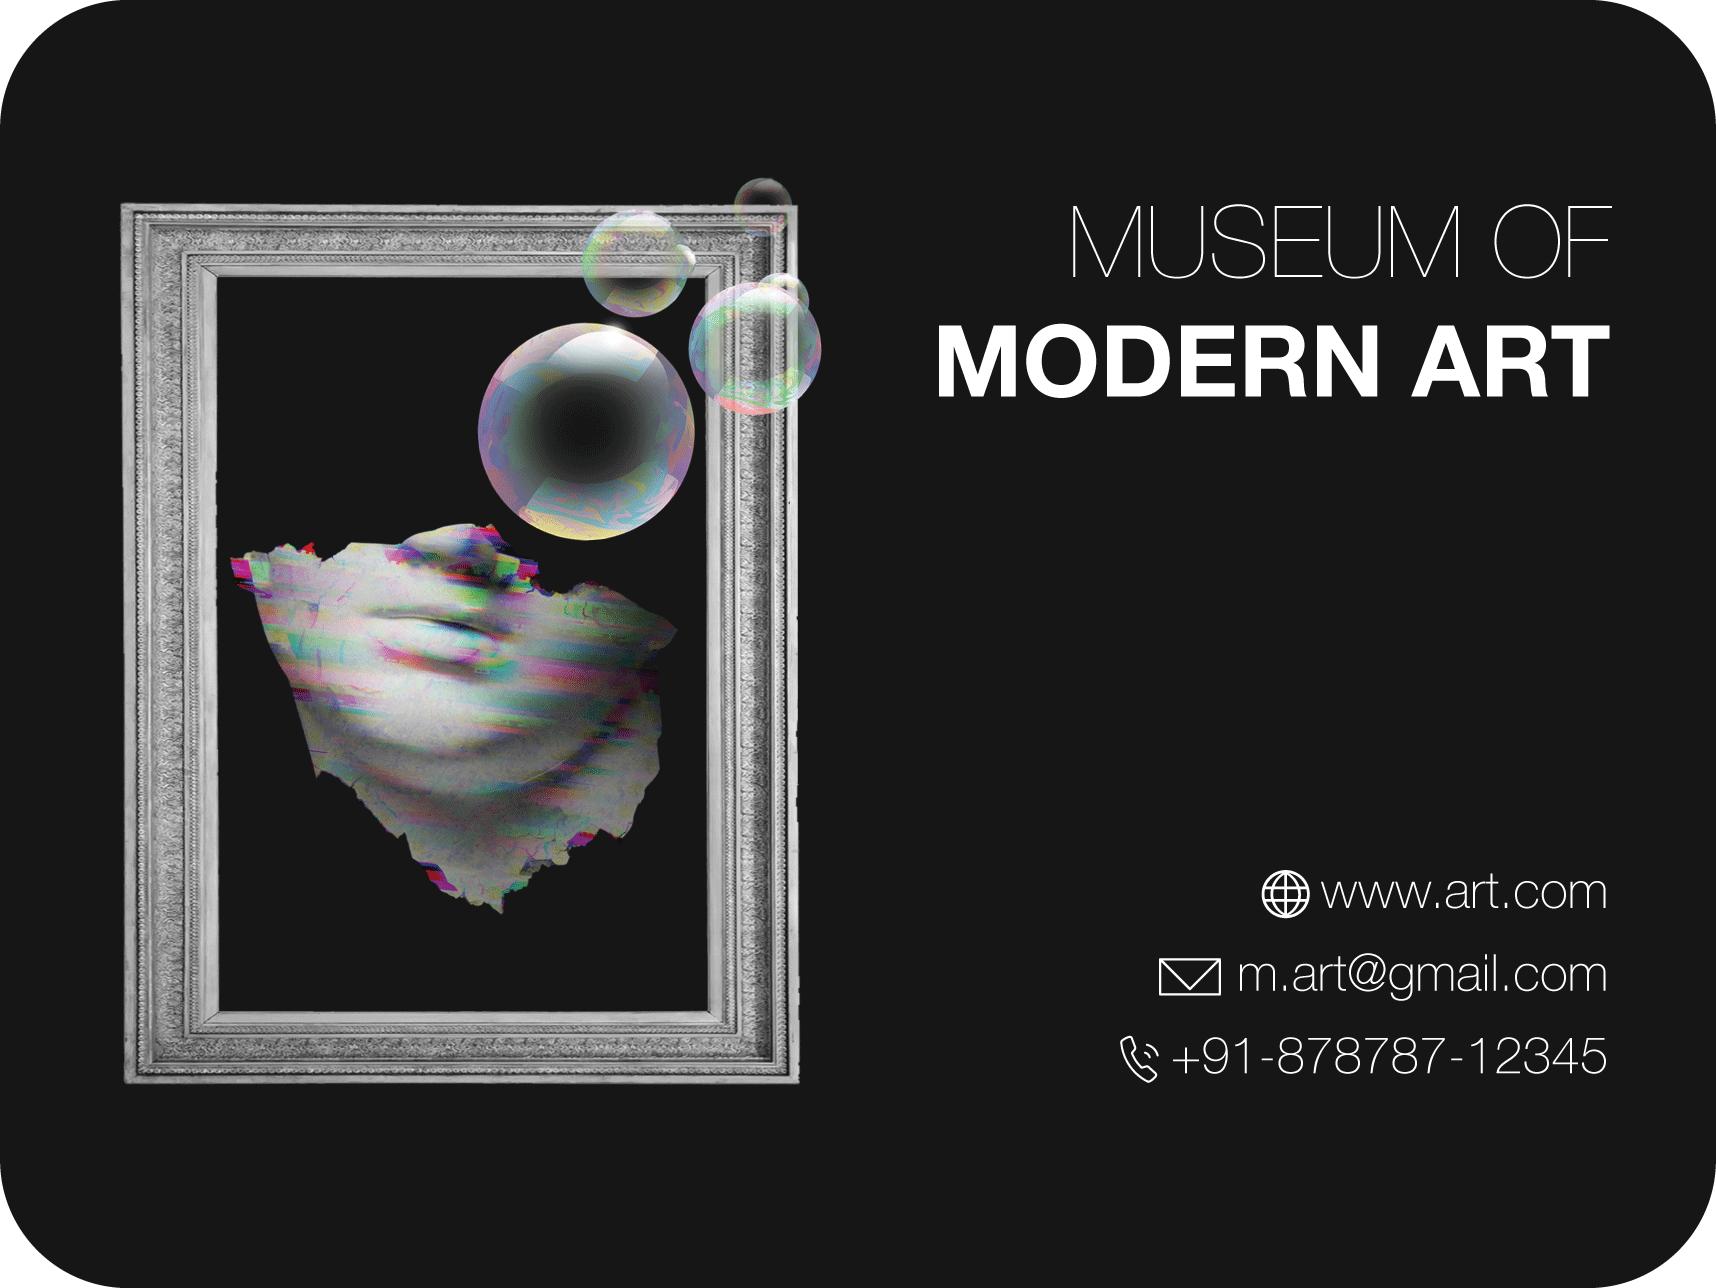 museum of modern art business card design template